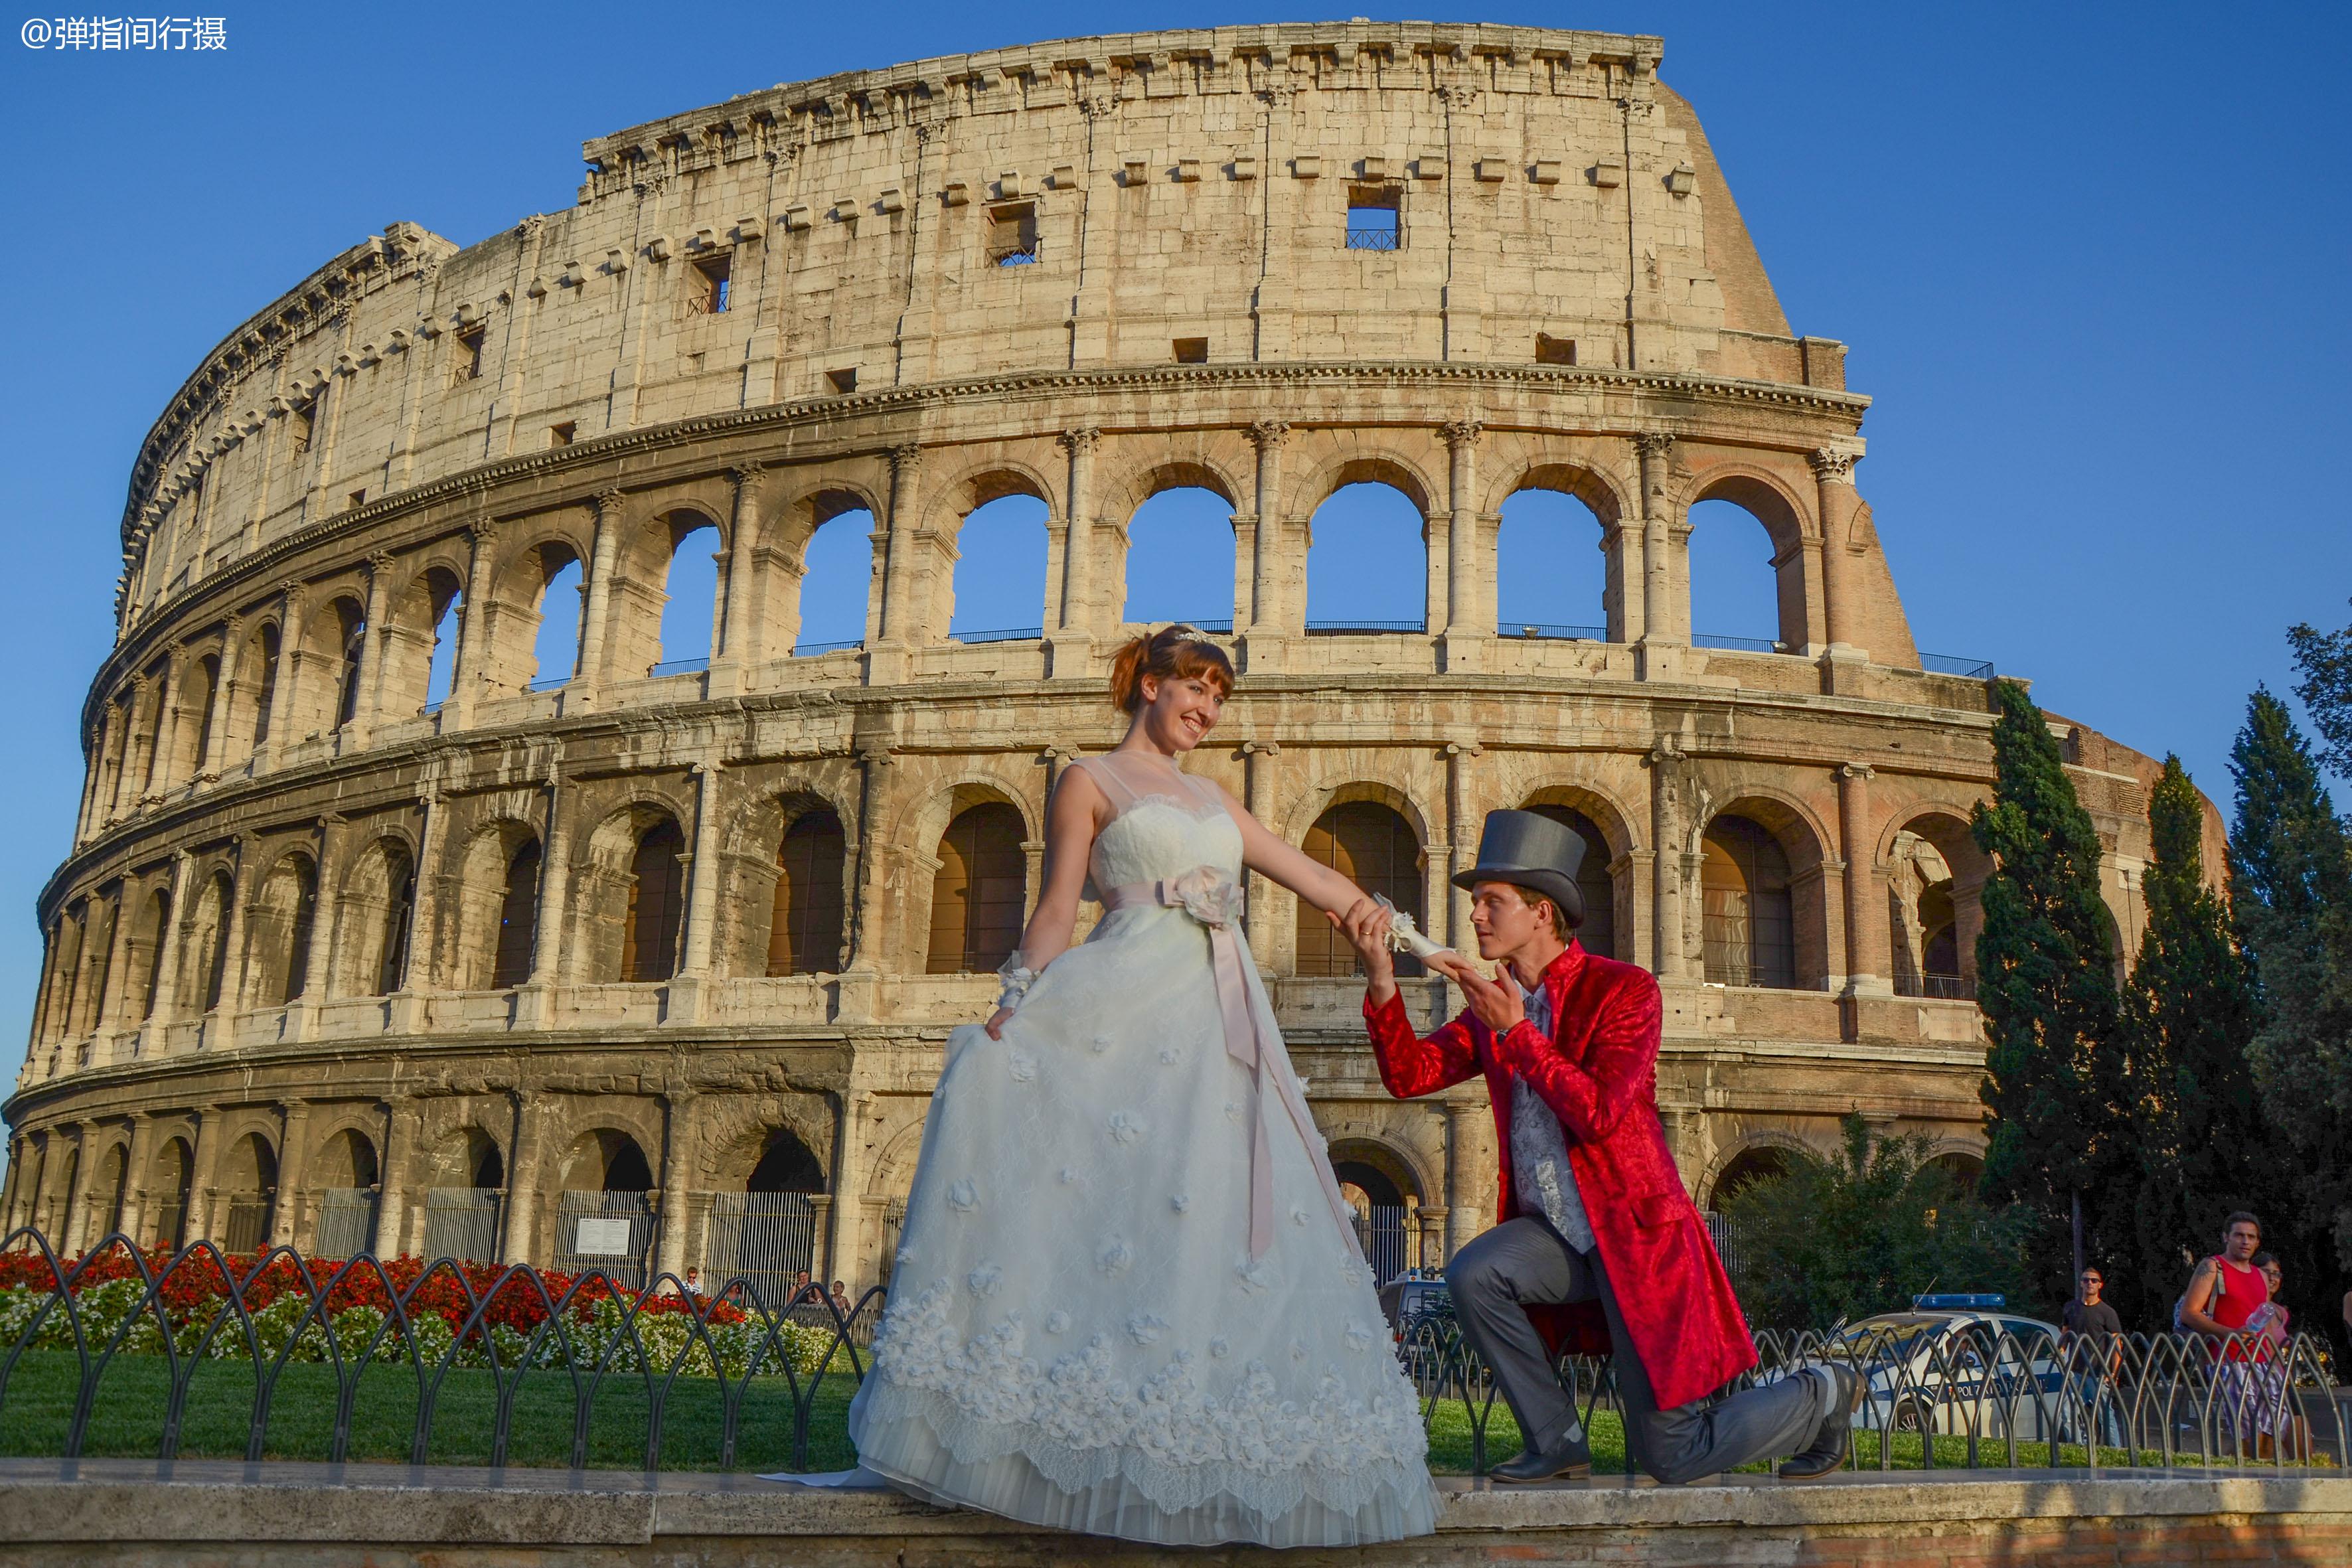 意大利罗马着名地标,历经2000年风雨洗礼,如今成最浪漫旅游点